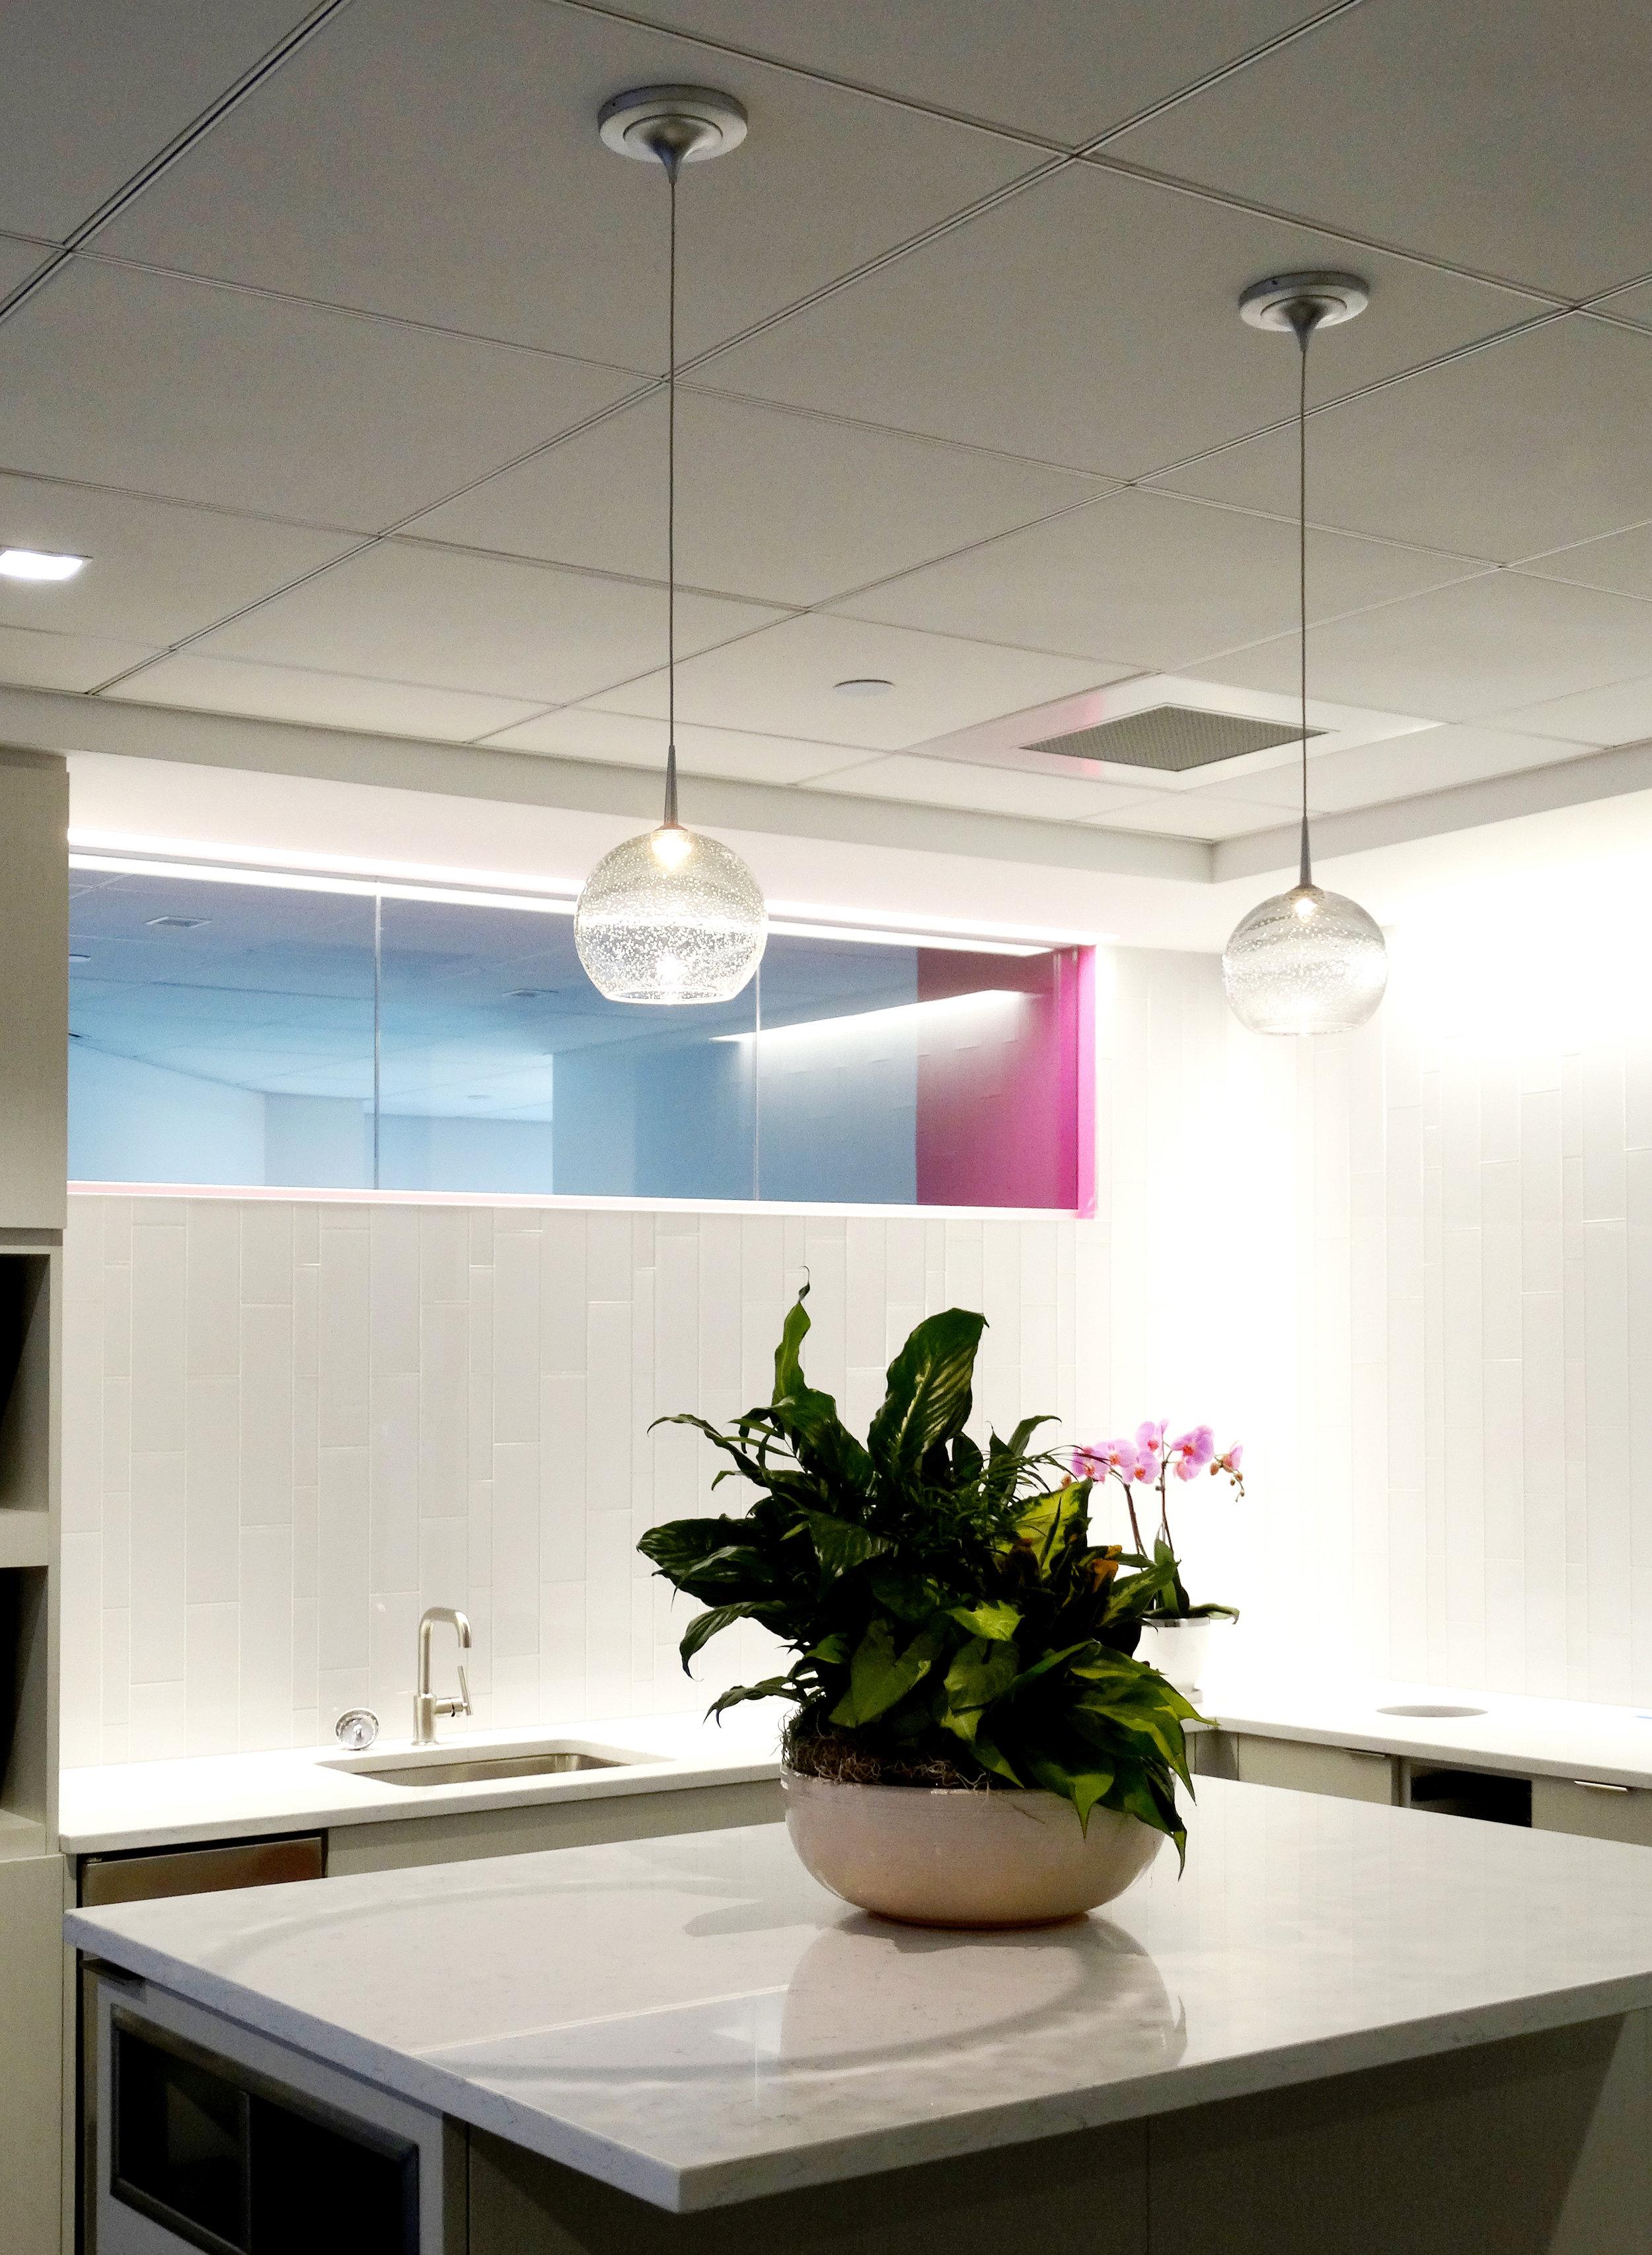 Illume Frameless Glass White Glass Kitchen - Spaceworks AI.jpg